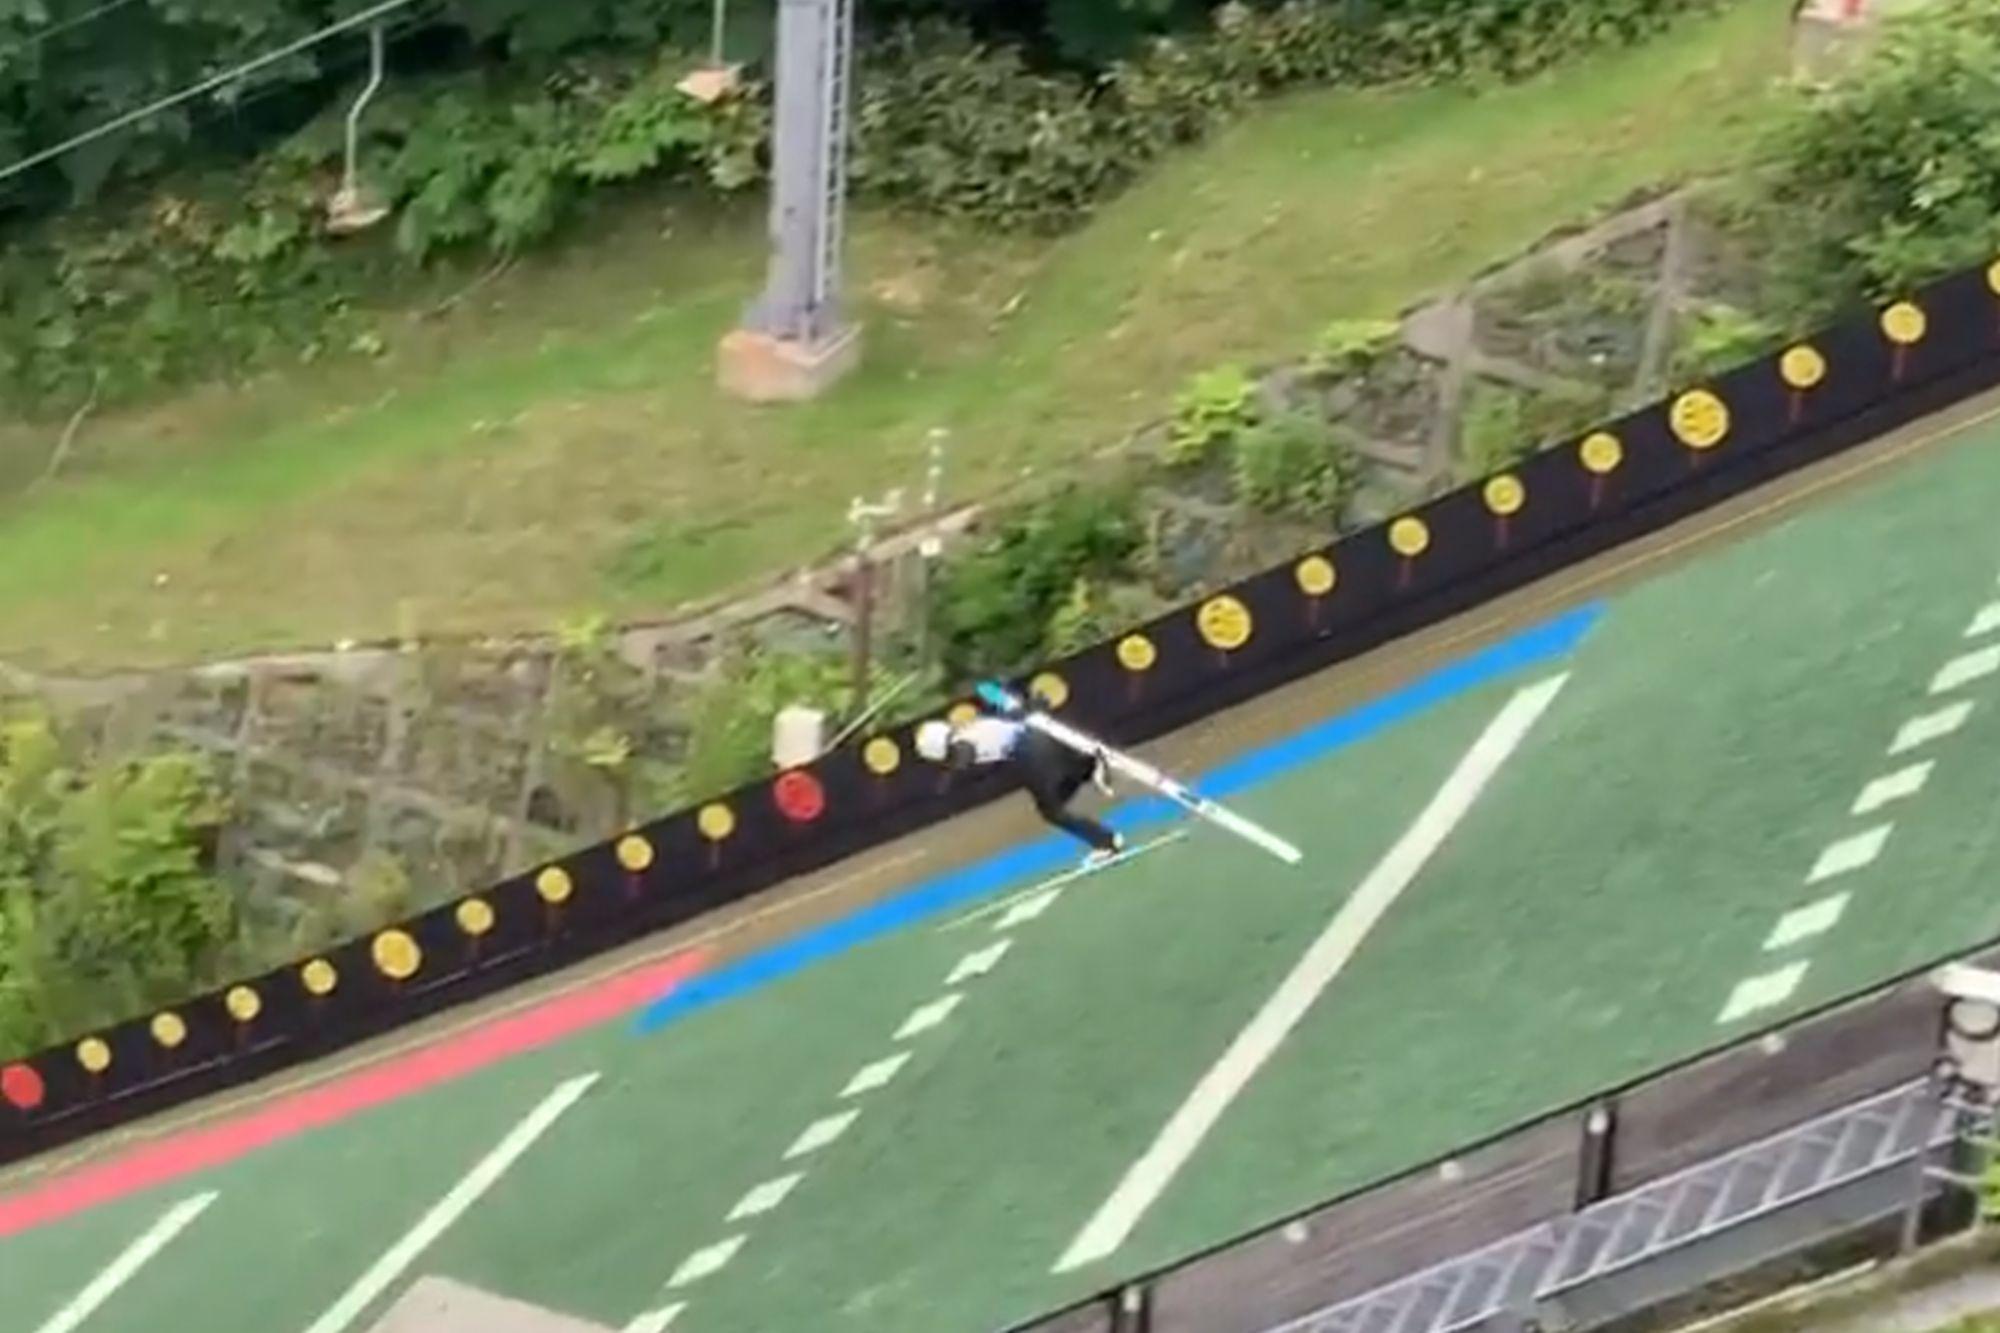 Fatalny upadek Japończyka podczas treningu. W locie stracił nartę! [WIDEO]